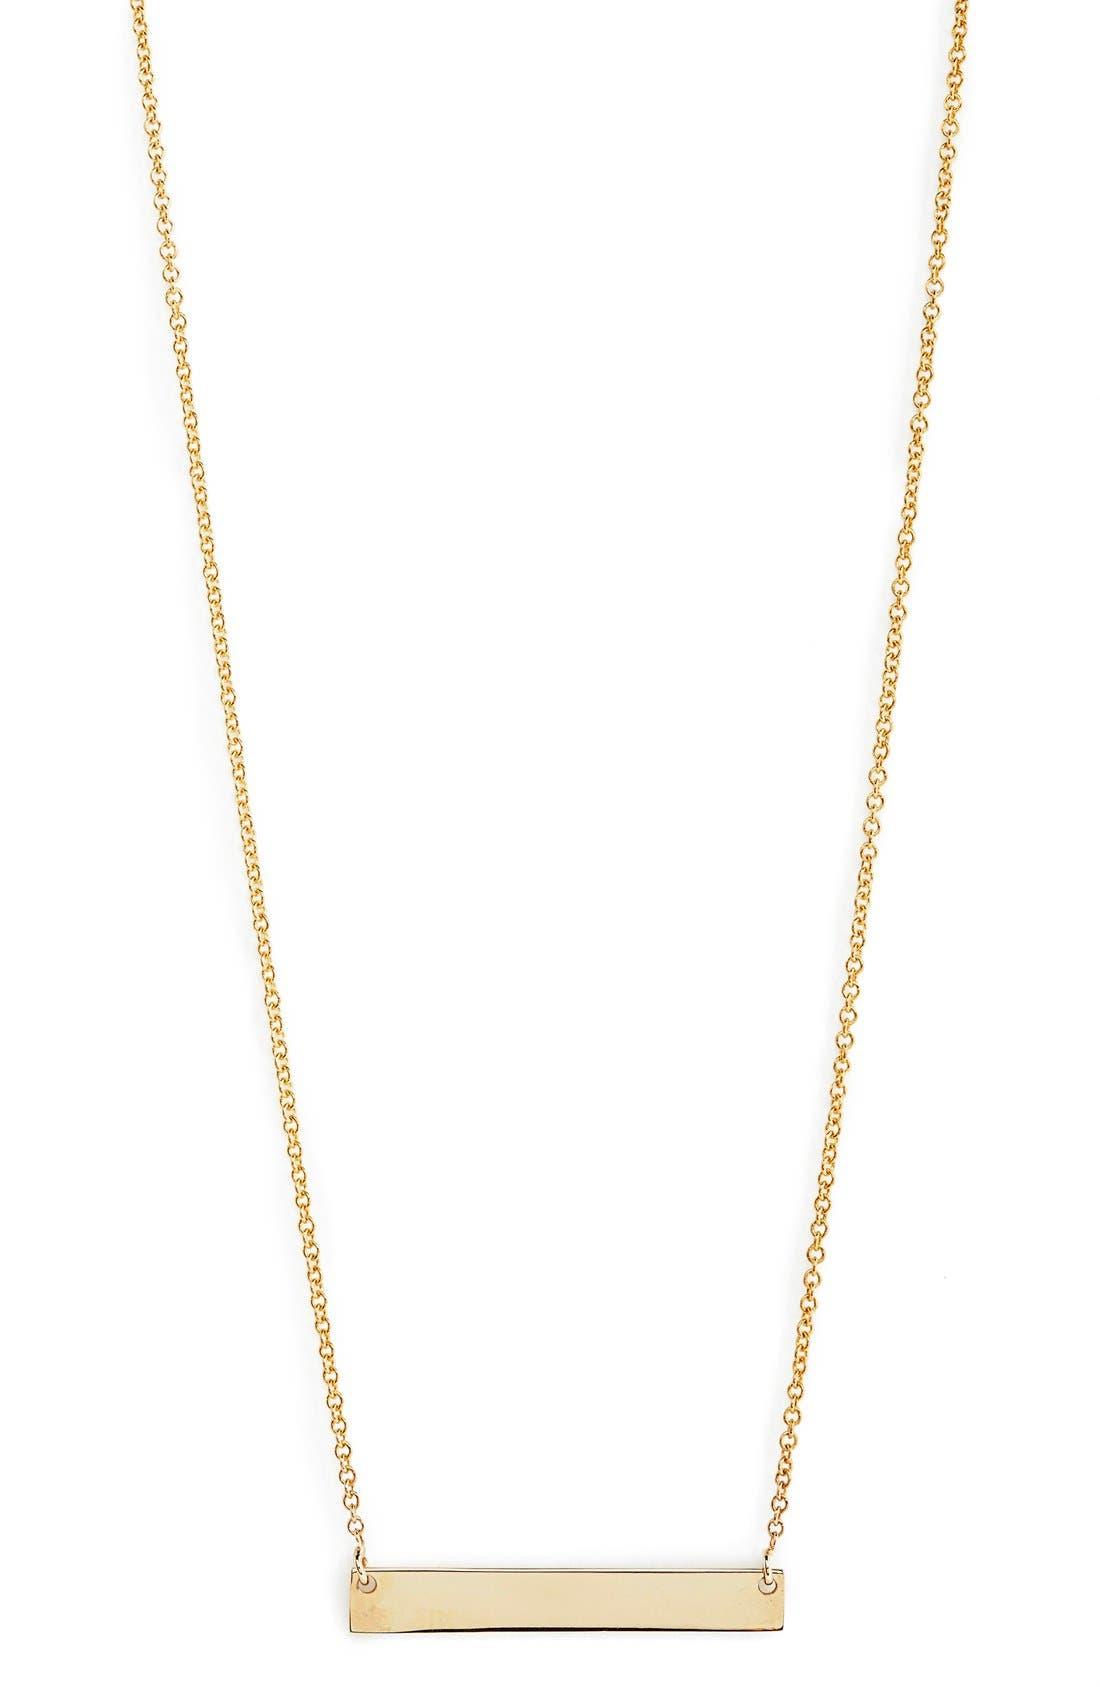 BONY LEVY 14k GoldBar Pendant Necklace